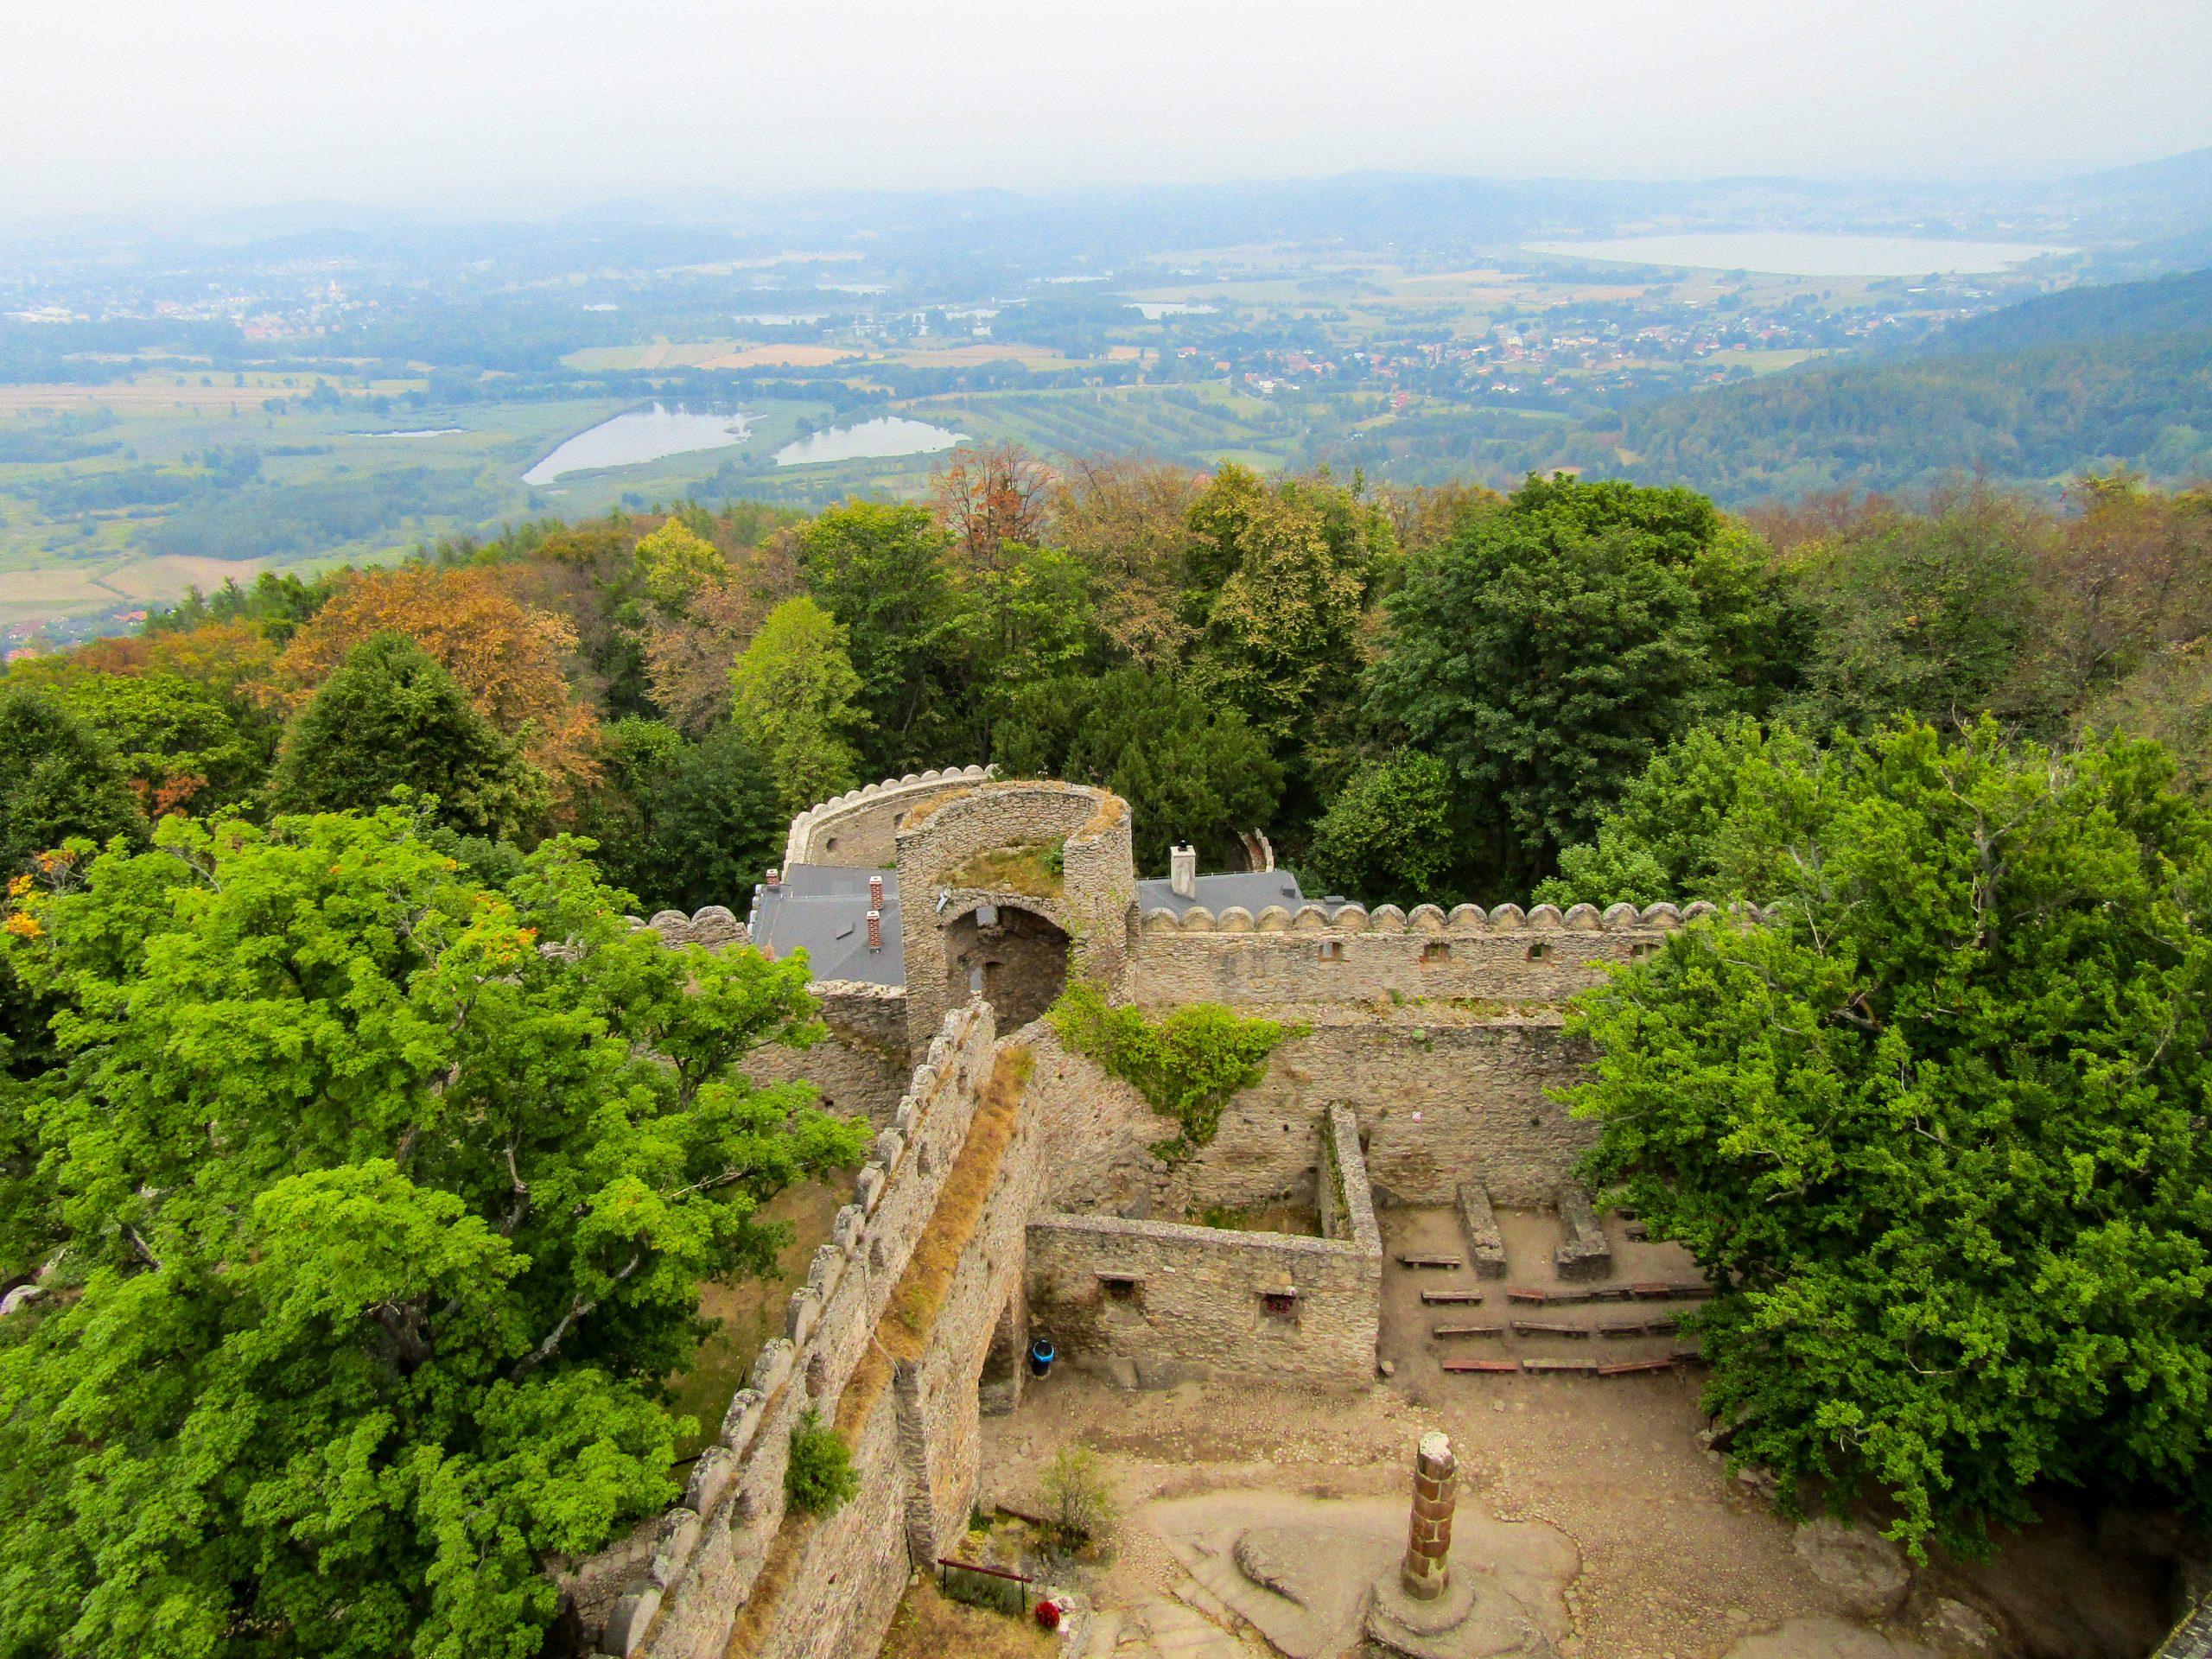 Chojnik Castle Ruins amidst the mountains of Jelenia Gora, Poland